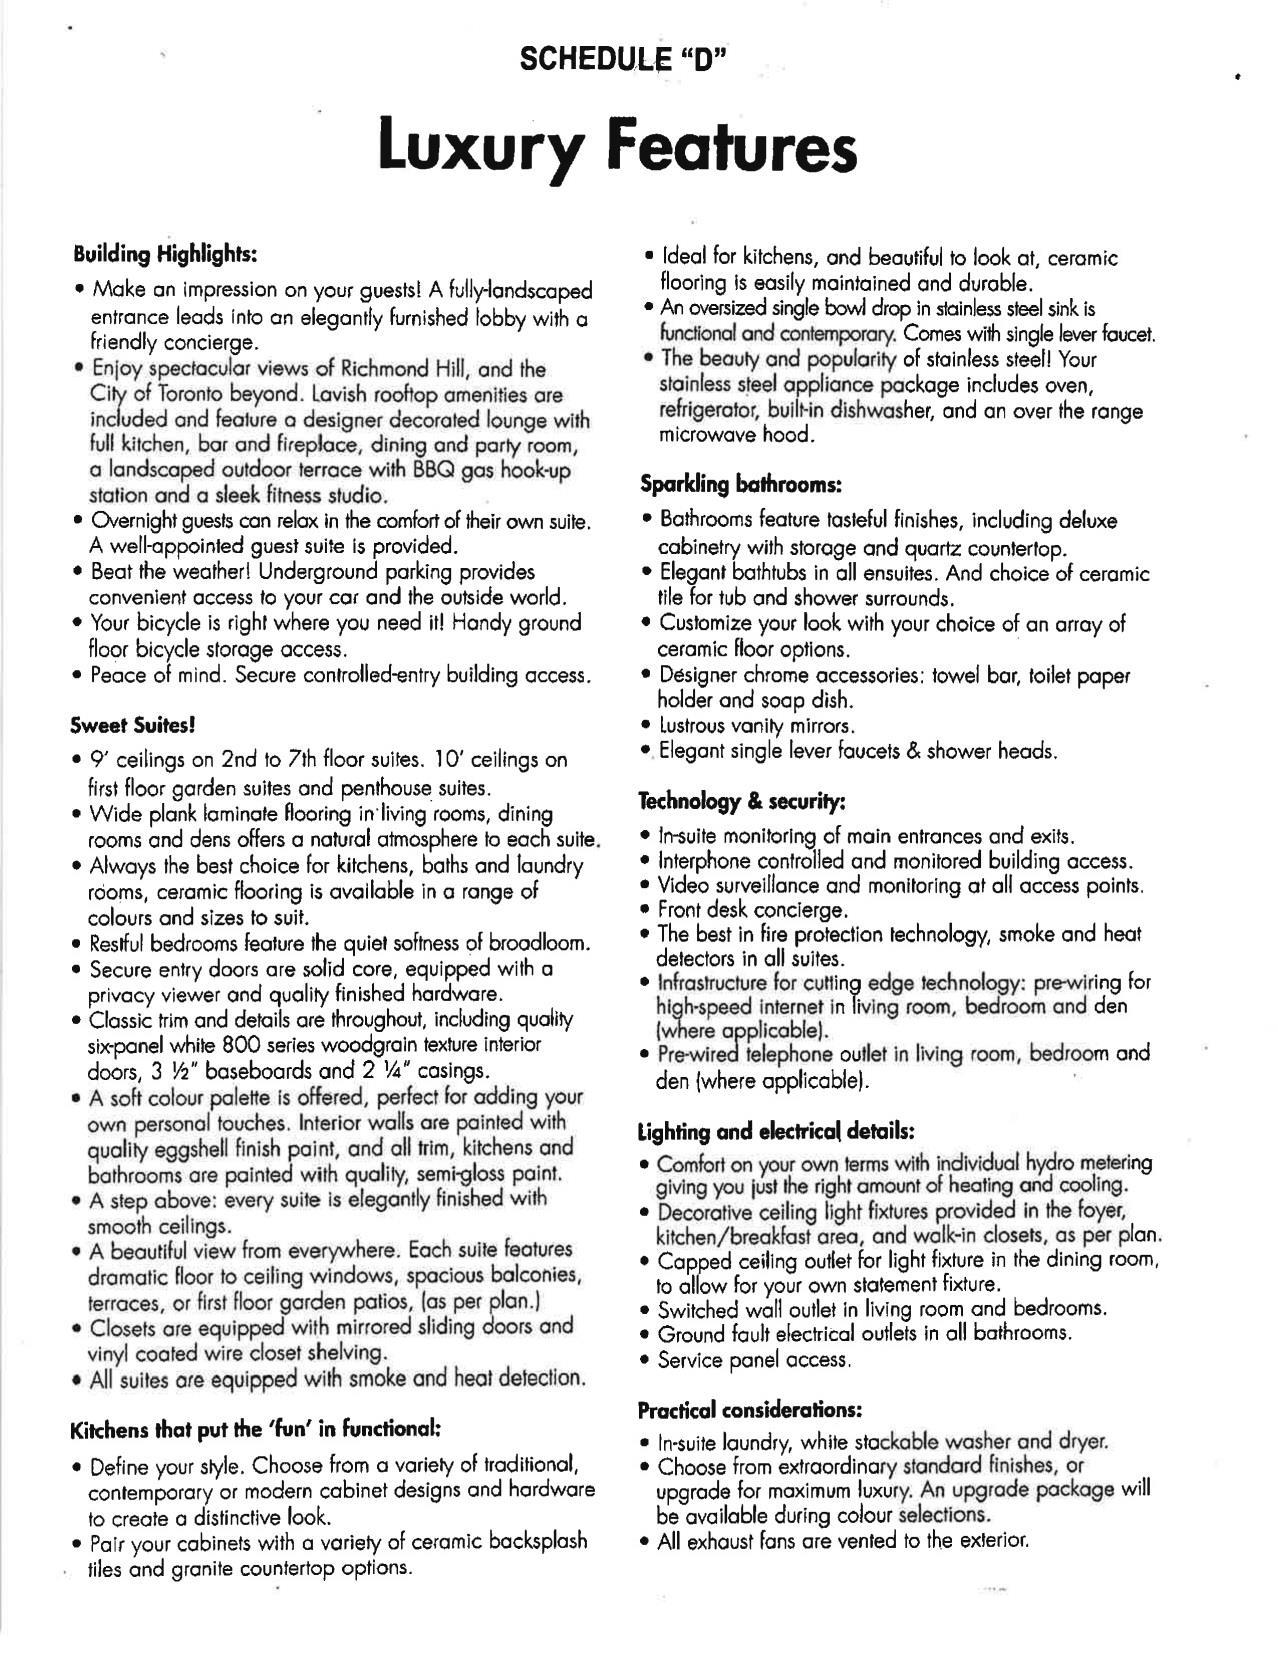 Bristol Condos Home Leader Realty Inc Maziar Moini Pre Wiring Diagram Dish Purchaser Price Includes